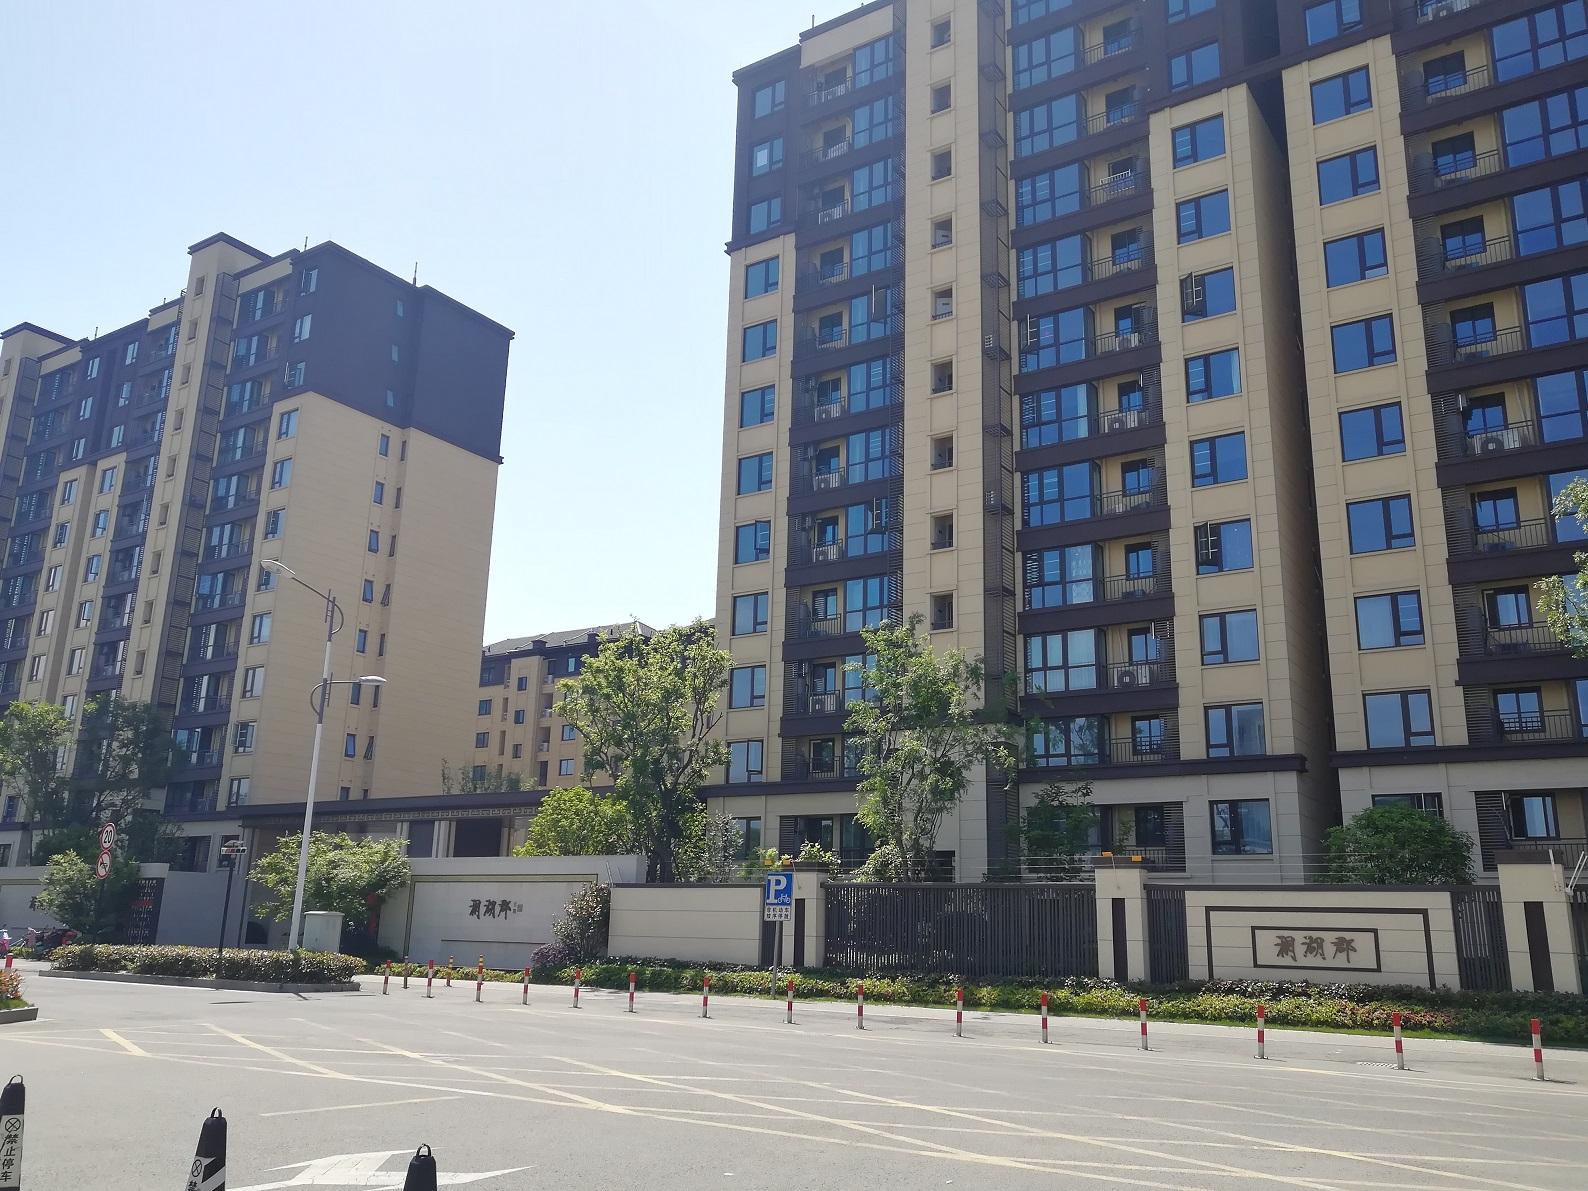 宁波·澜湖郡|舒适生活环境,舒适100打造